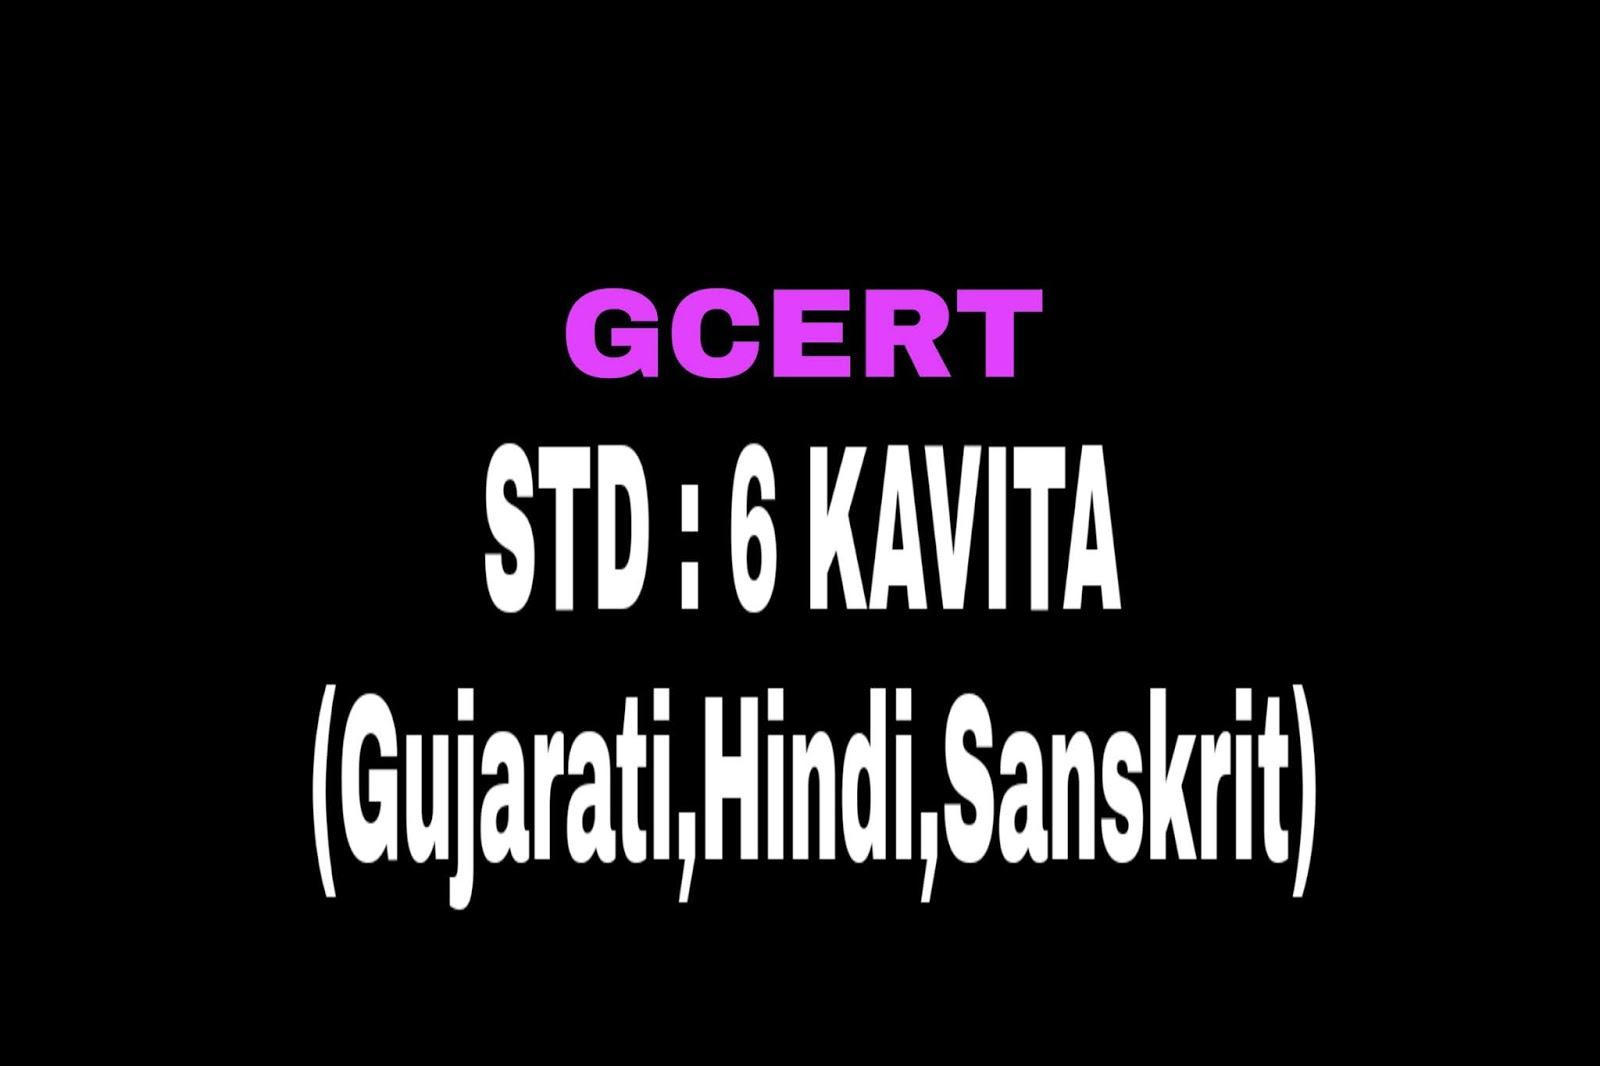 STD : 6 Poems (Gujarati,Hindi,Sanskrit)